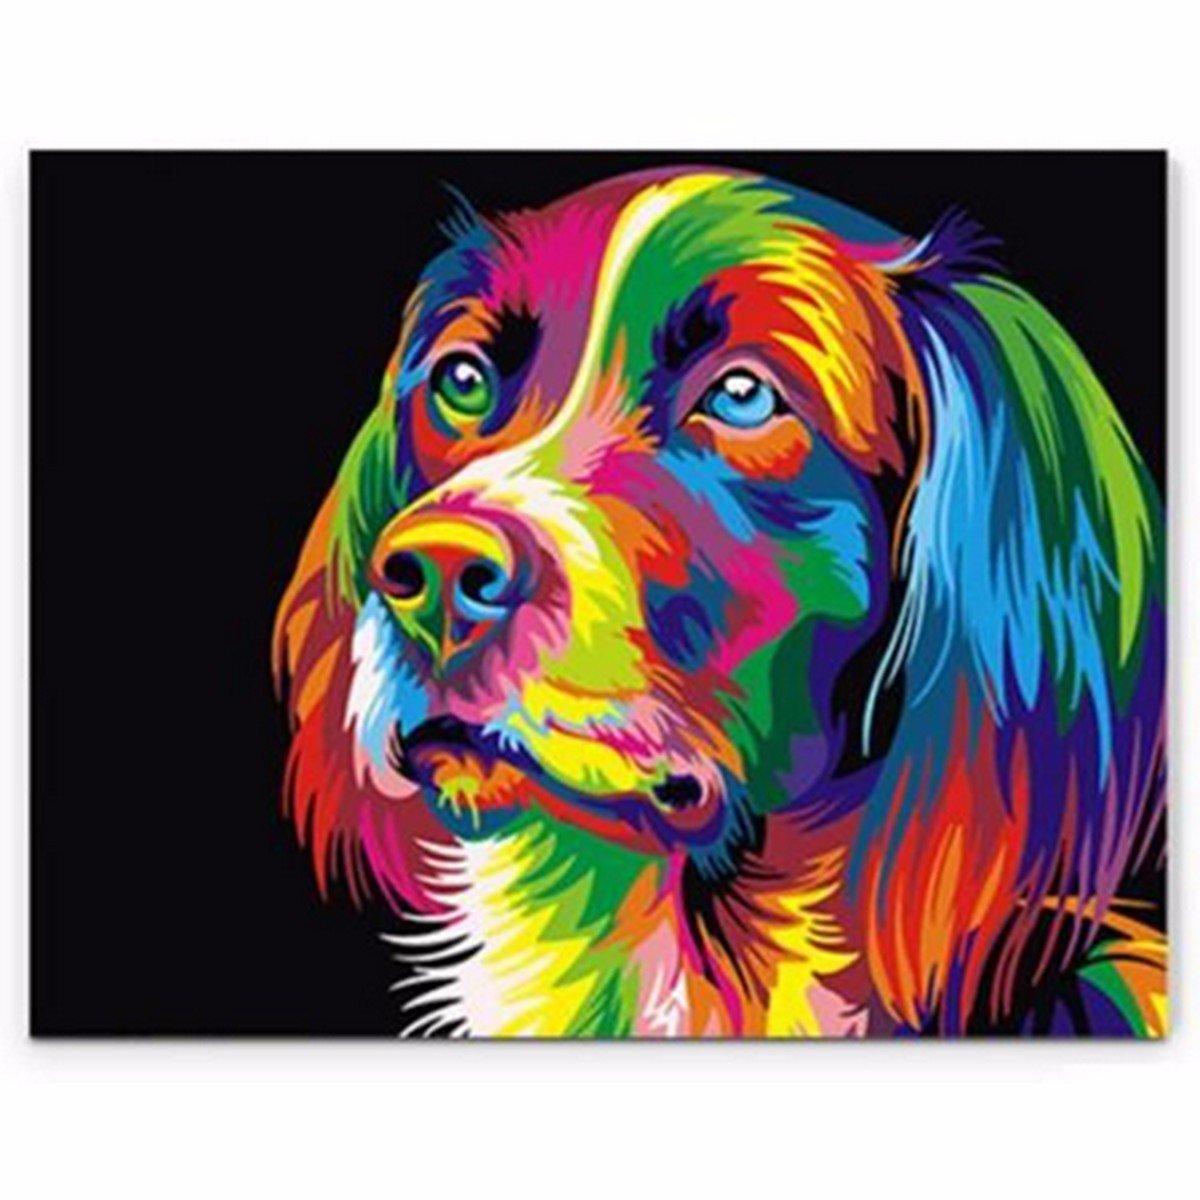 50x40 سنتيمتر كولورفول جرو الكلب حيوان الحيوانات الأليفة دي الذاتي يدويا الطلاء كيت ديكور المنزل الخشب مؤطر